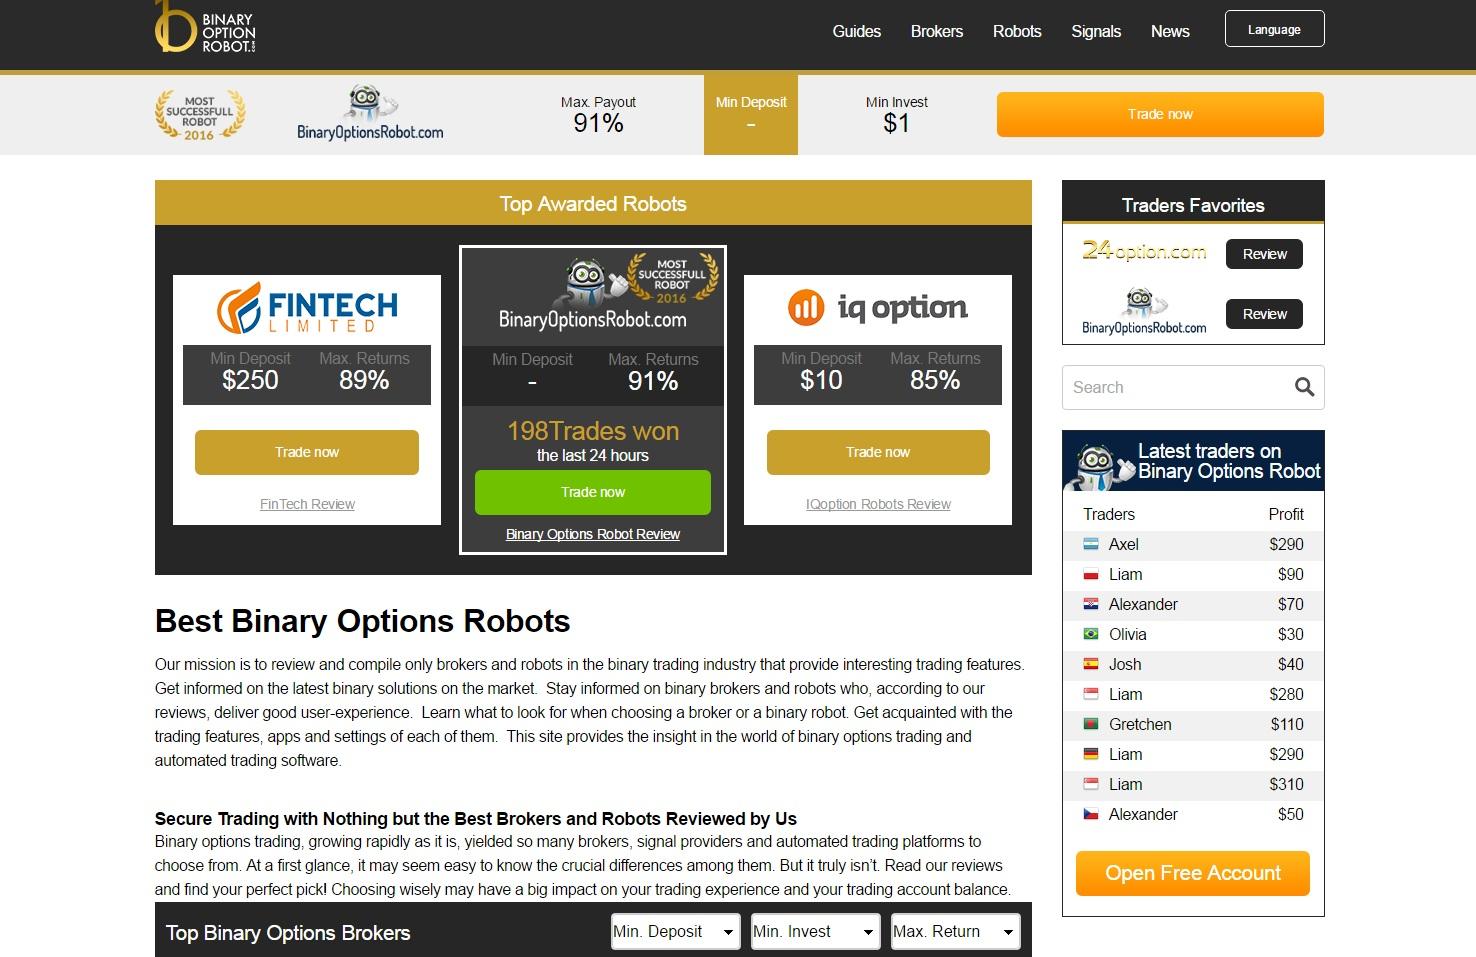 recenzii despre robotul cu opțiuni binare câștigurile pe internet acasă 2 746